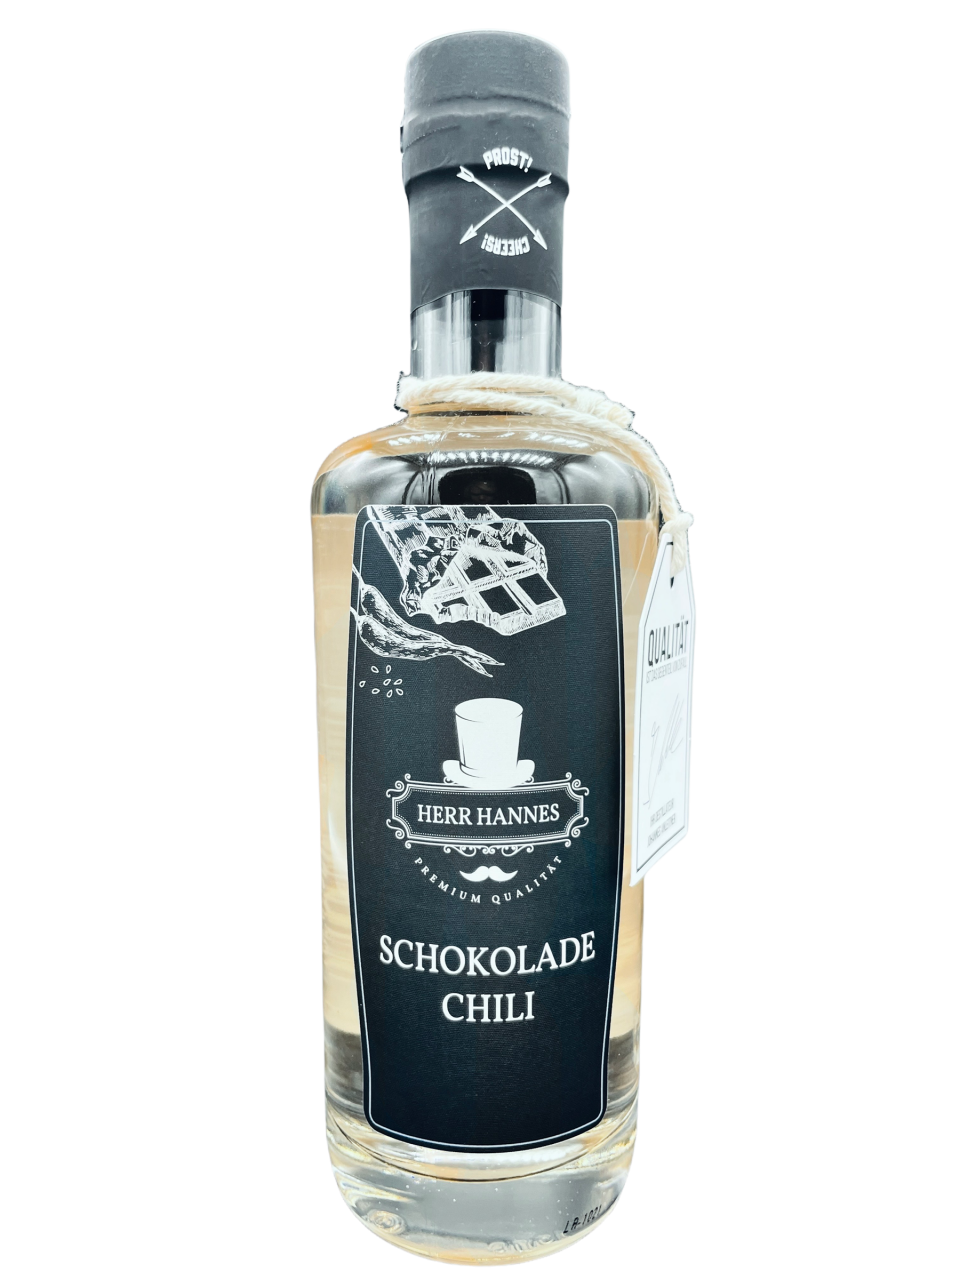 Schokolade Chili